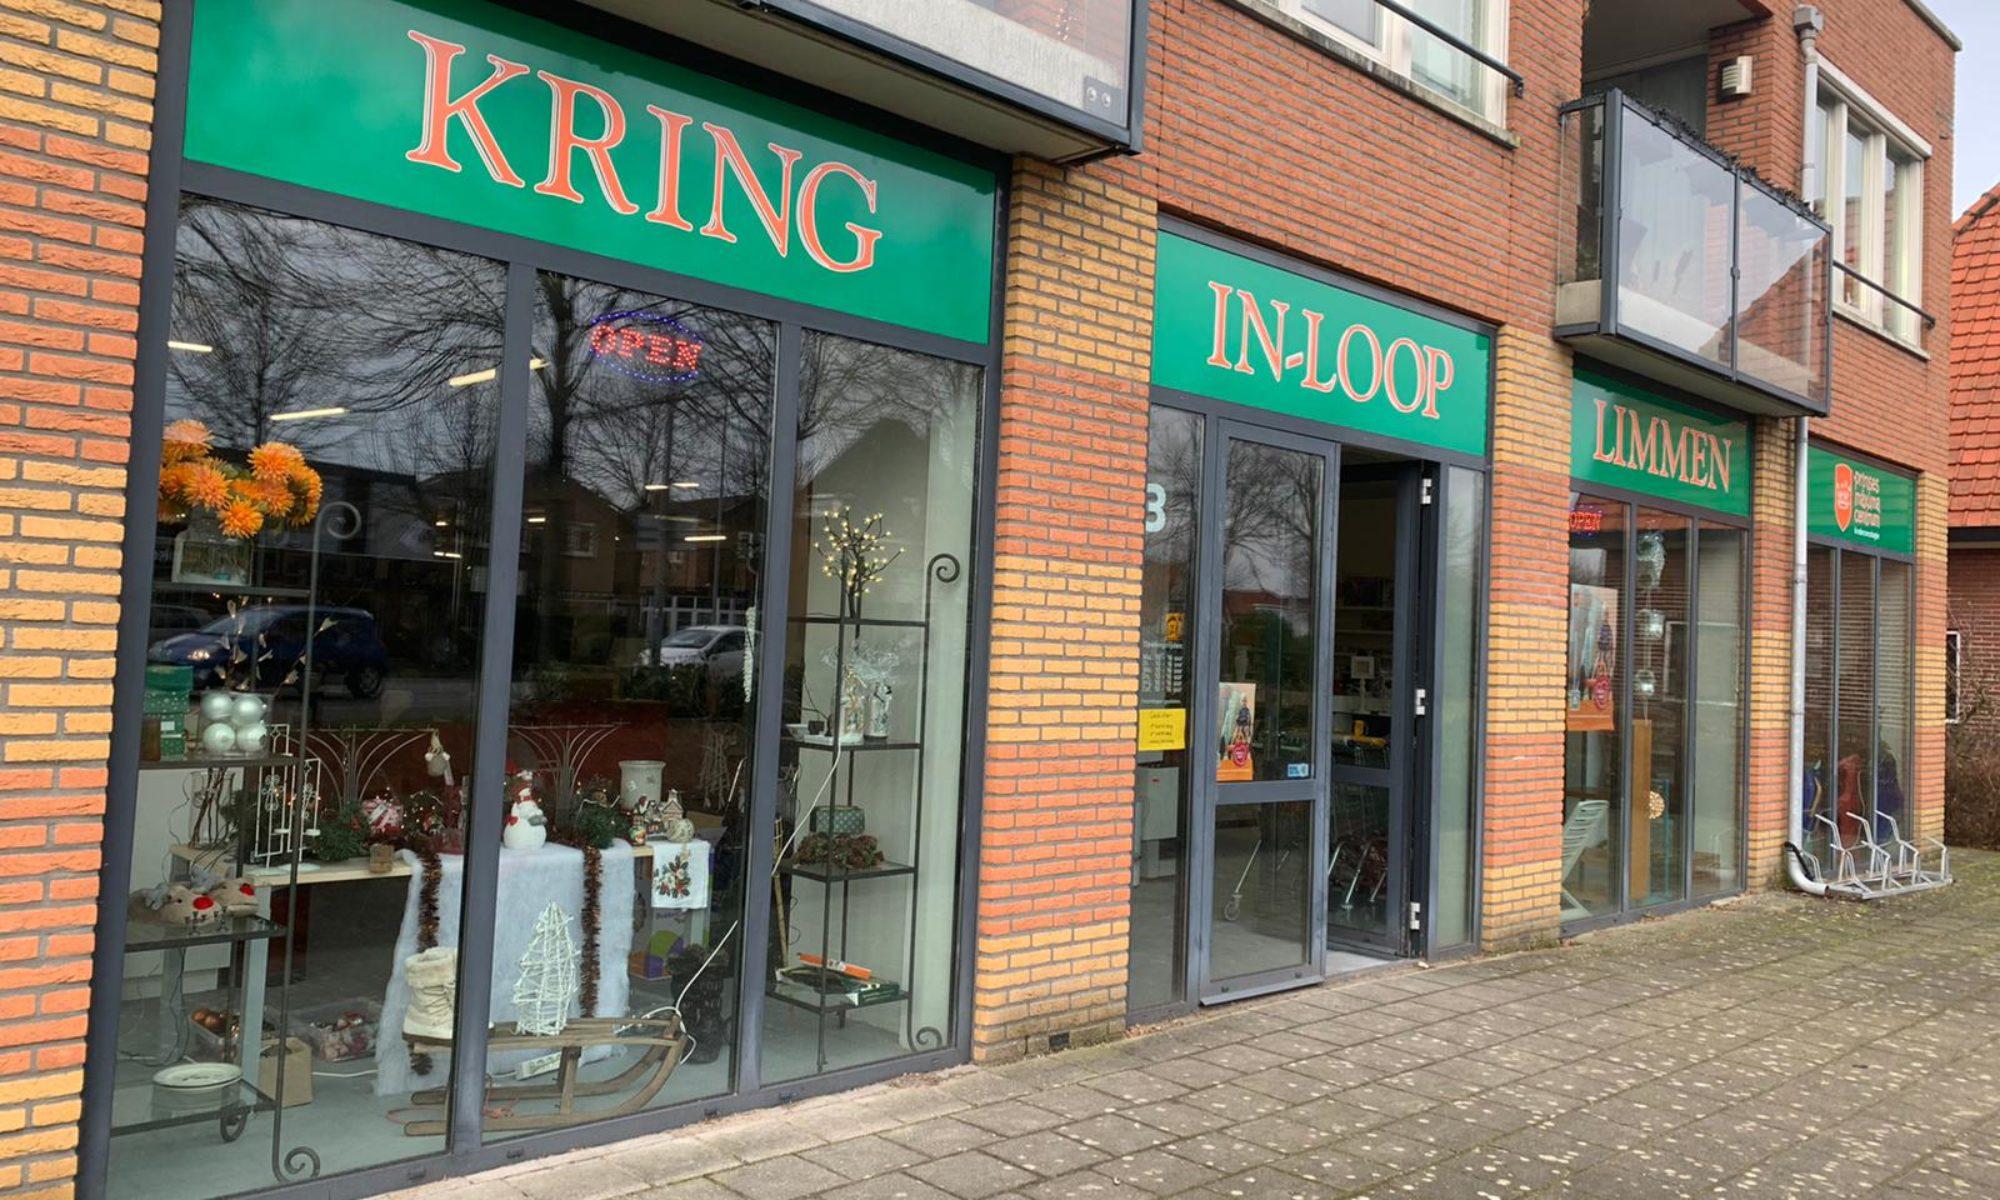 Kring-in-loop Limmen.nl